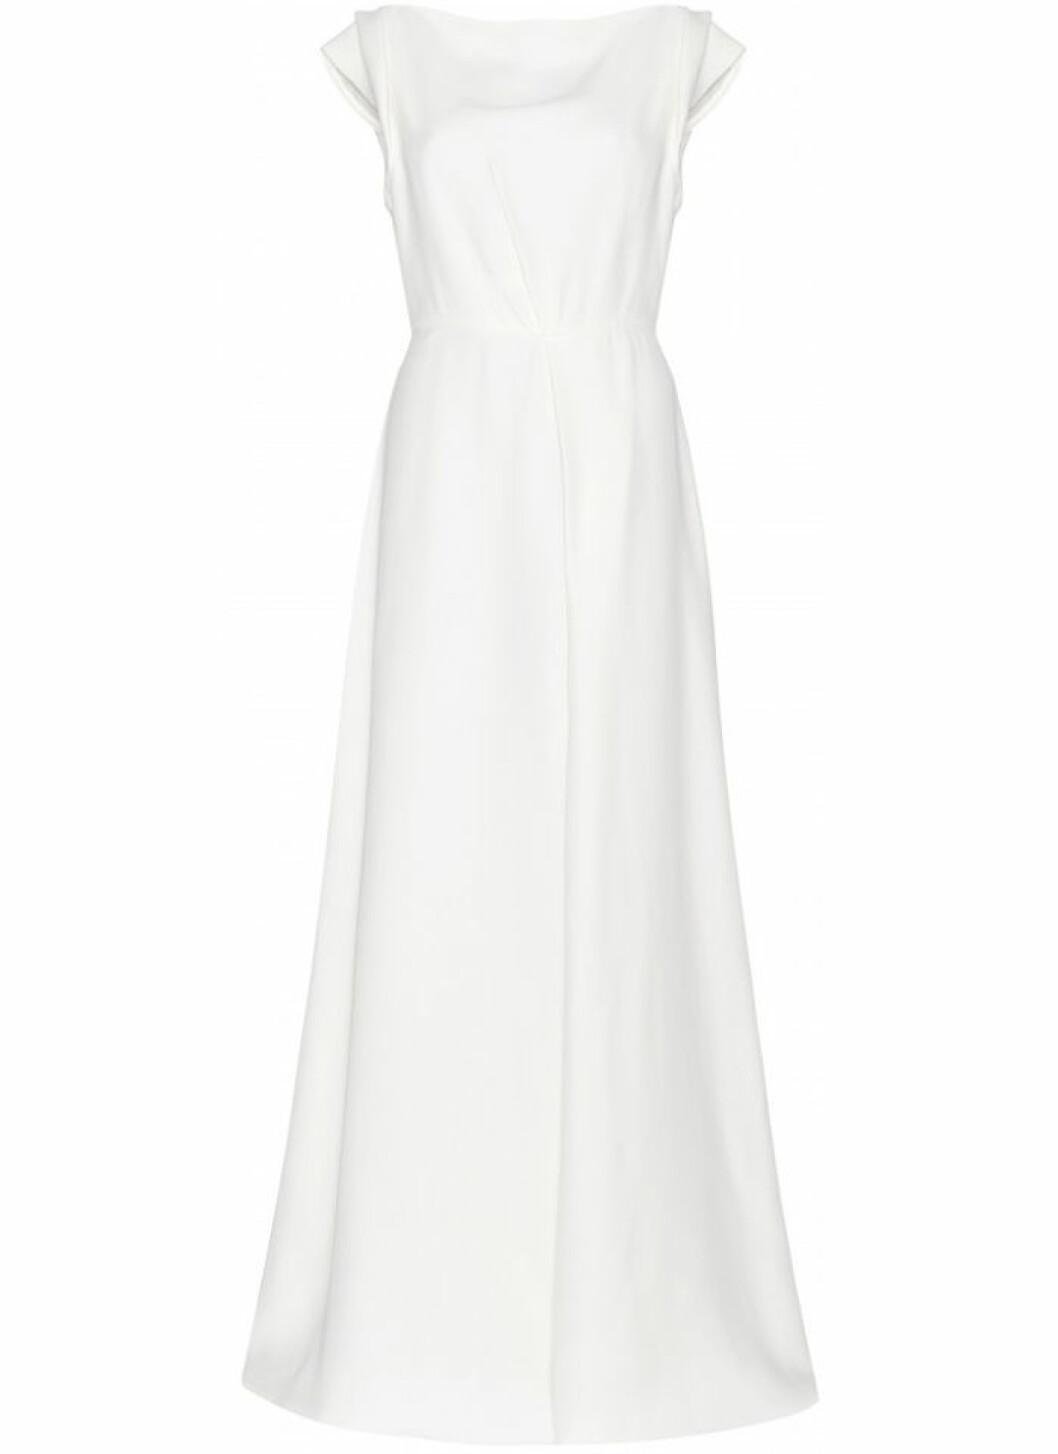 8. Klänning, 25483 kr, Victoria Beckham Mytheresa.com